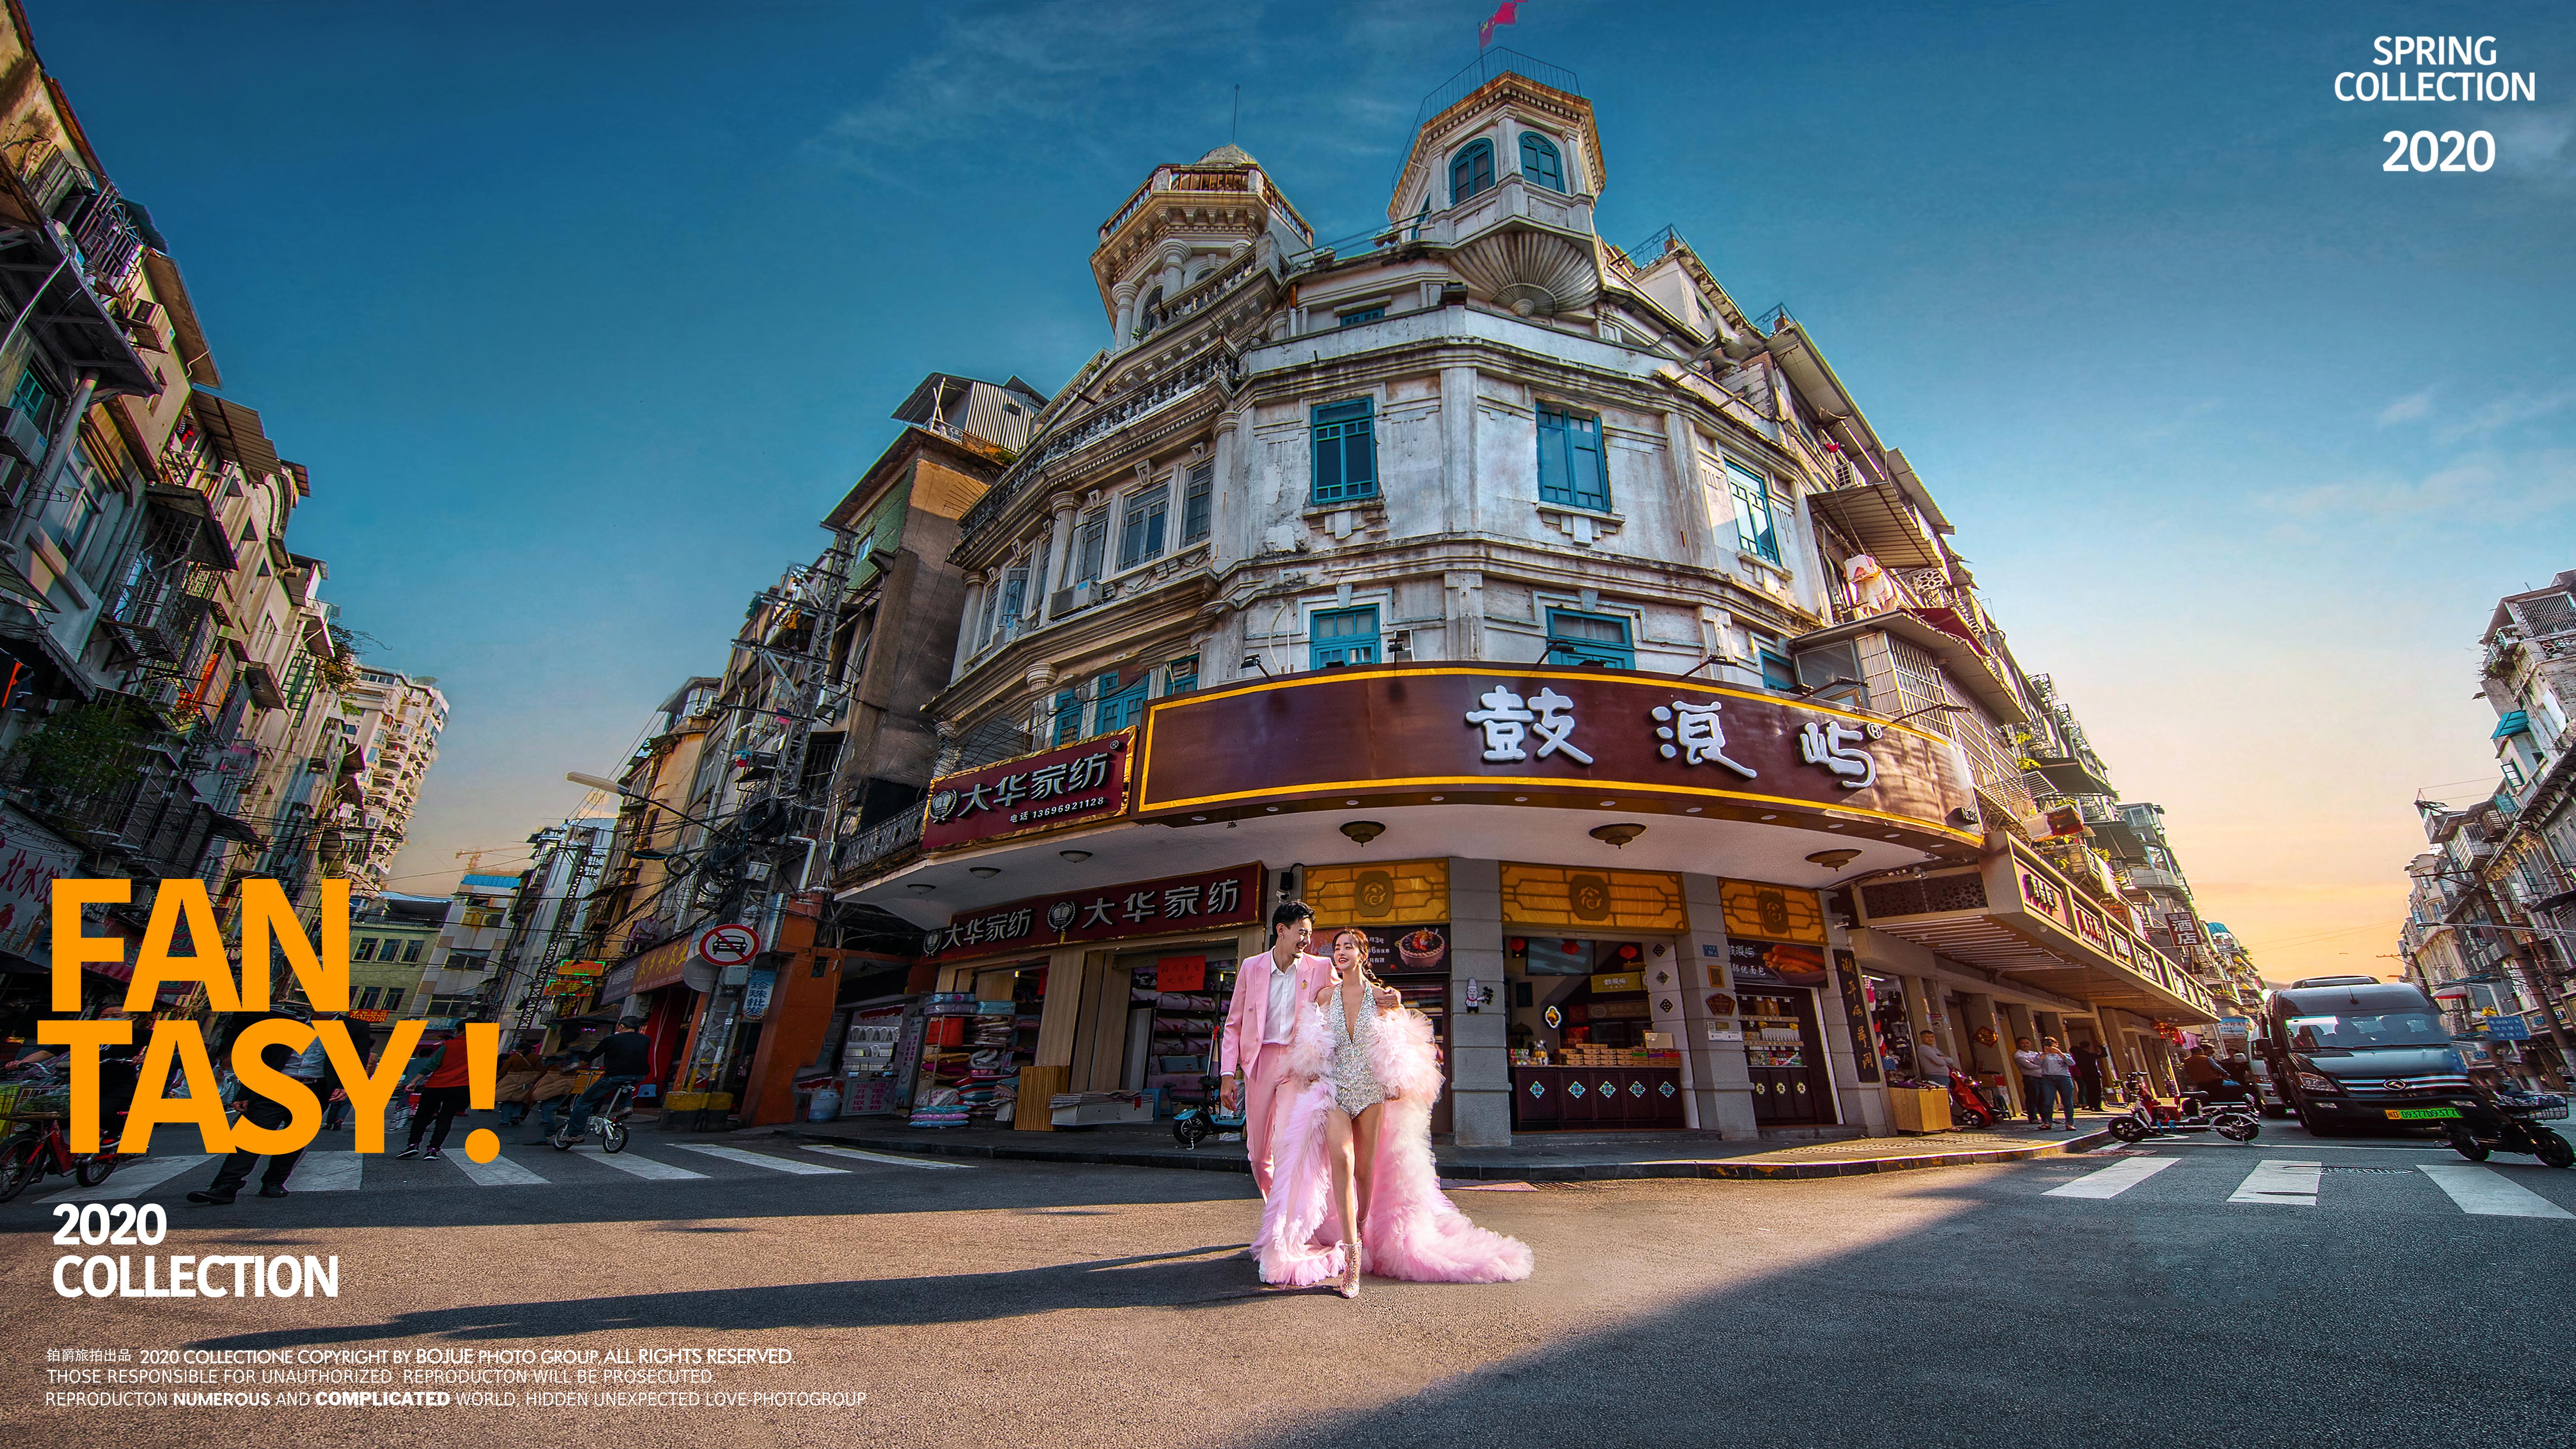 厦门旅拍婚纱照服装风格有哪些 厦门婚纱照拍摄攻略分享